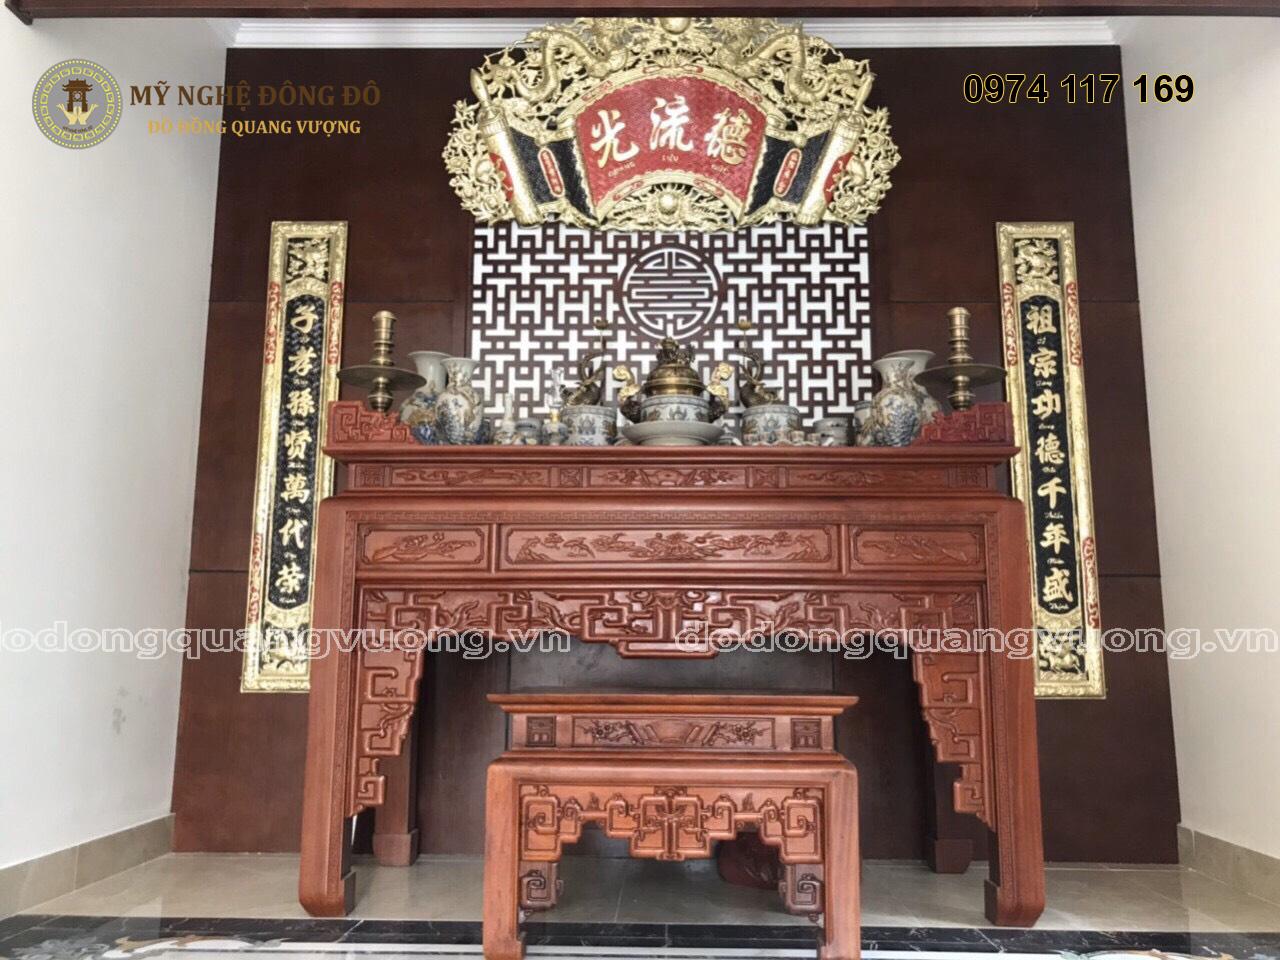 Bộ cuốn thư câu đối sơn son thếp vàng Đức Lưu Quang